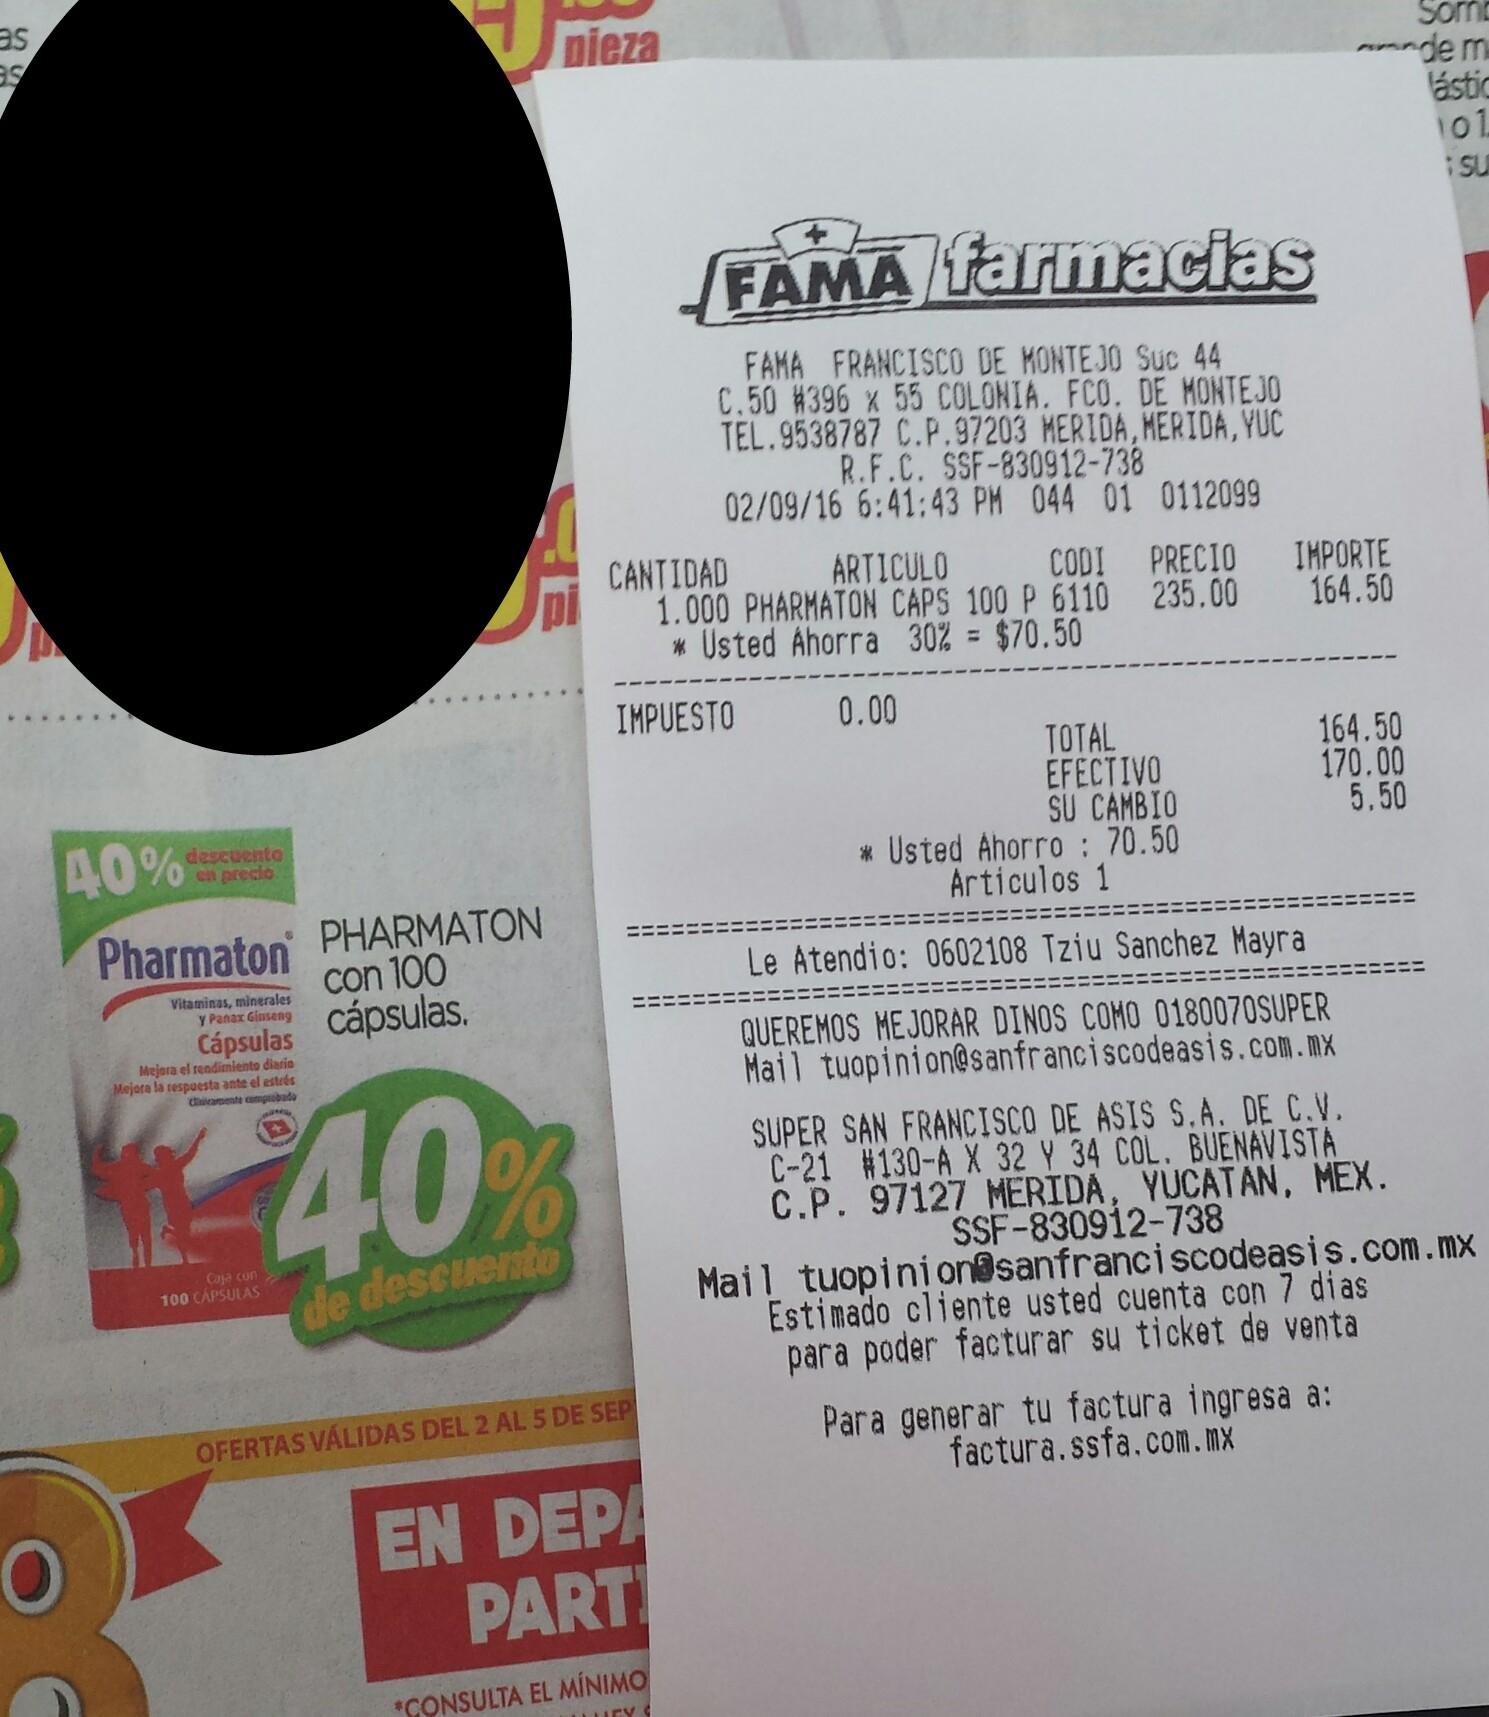 Farmacia Fama Mérida Yucatán: Pharmaton frasco con 100 pastillas